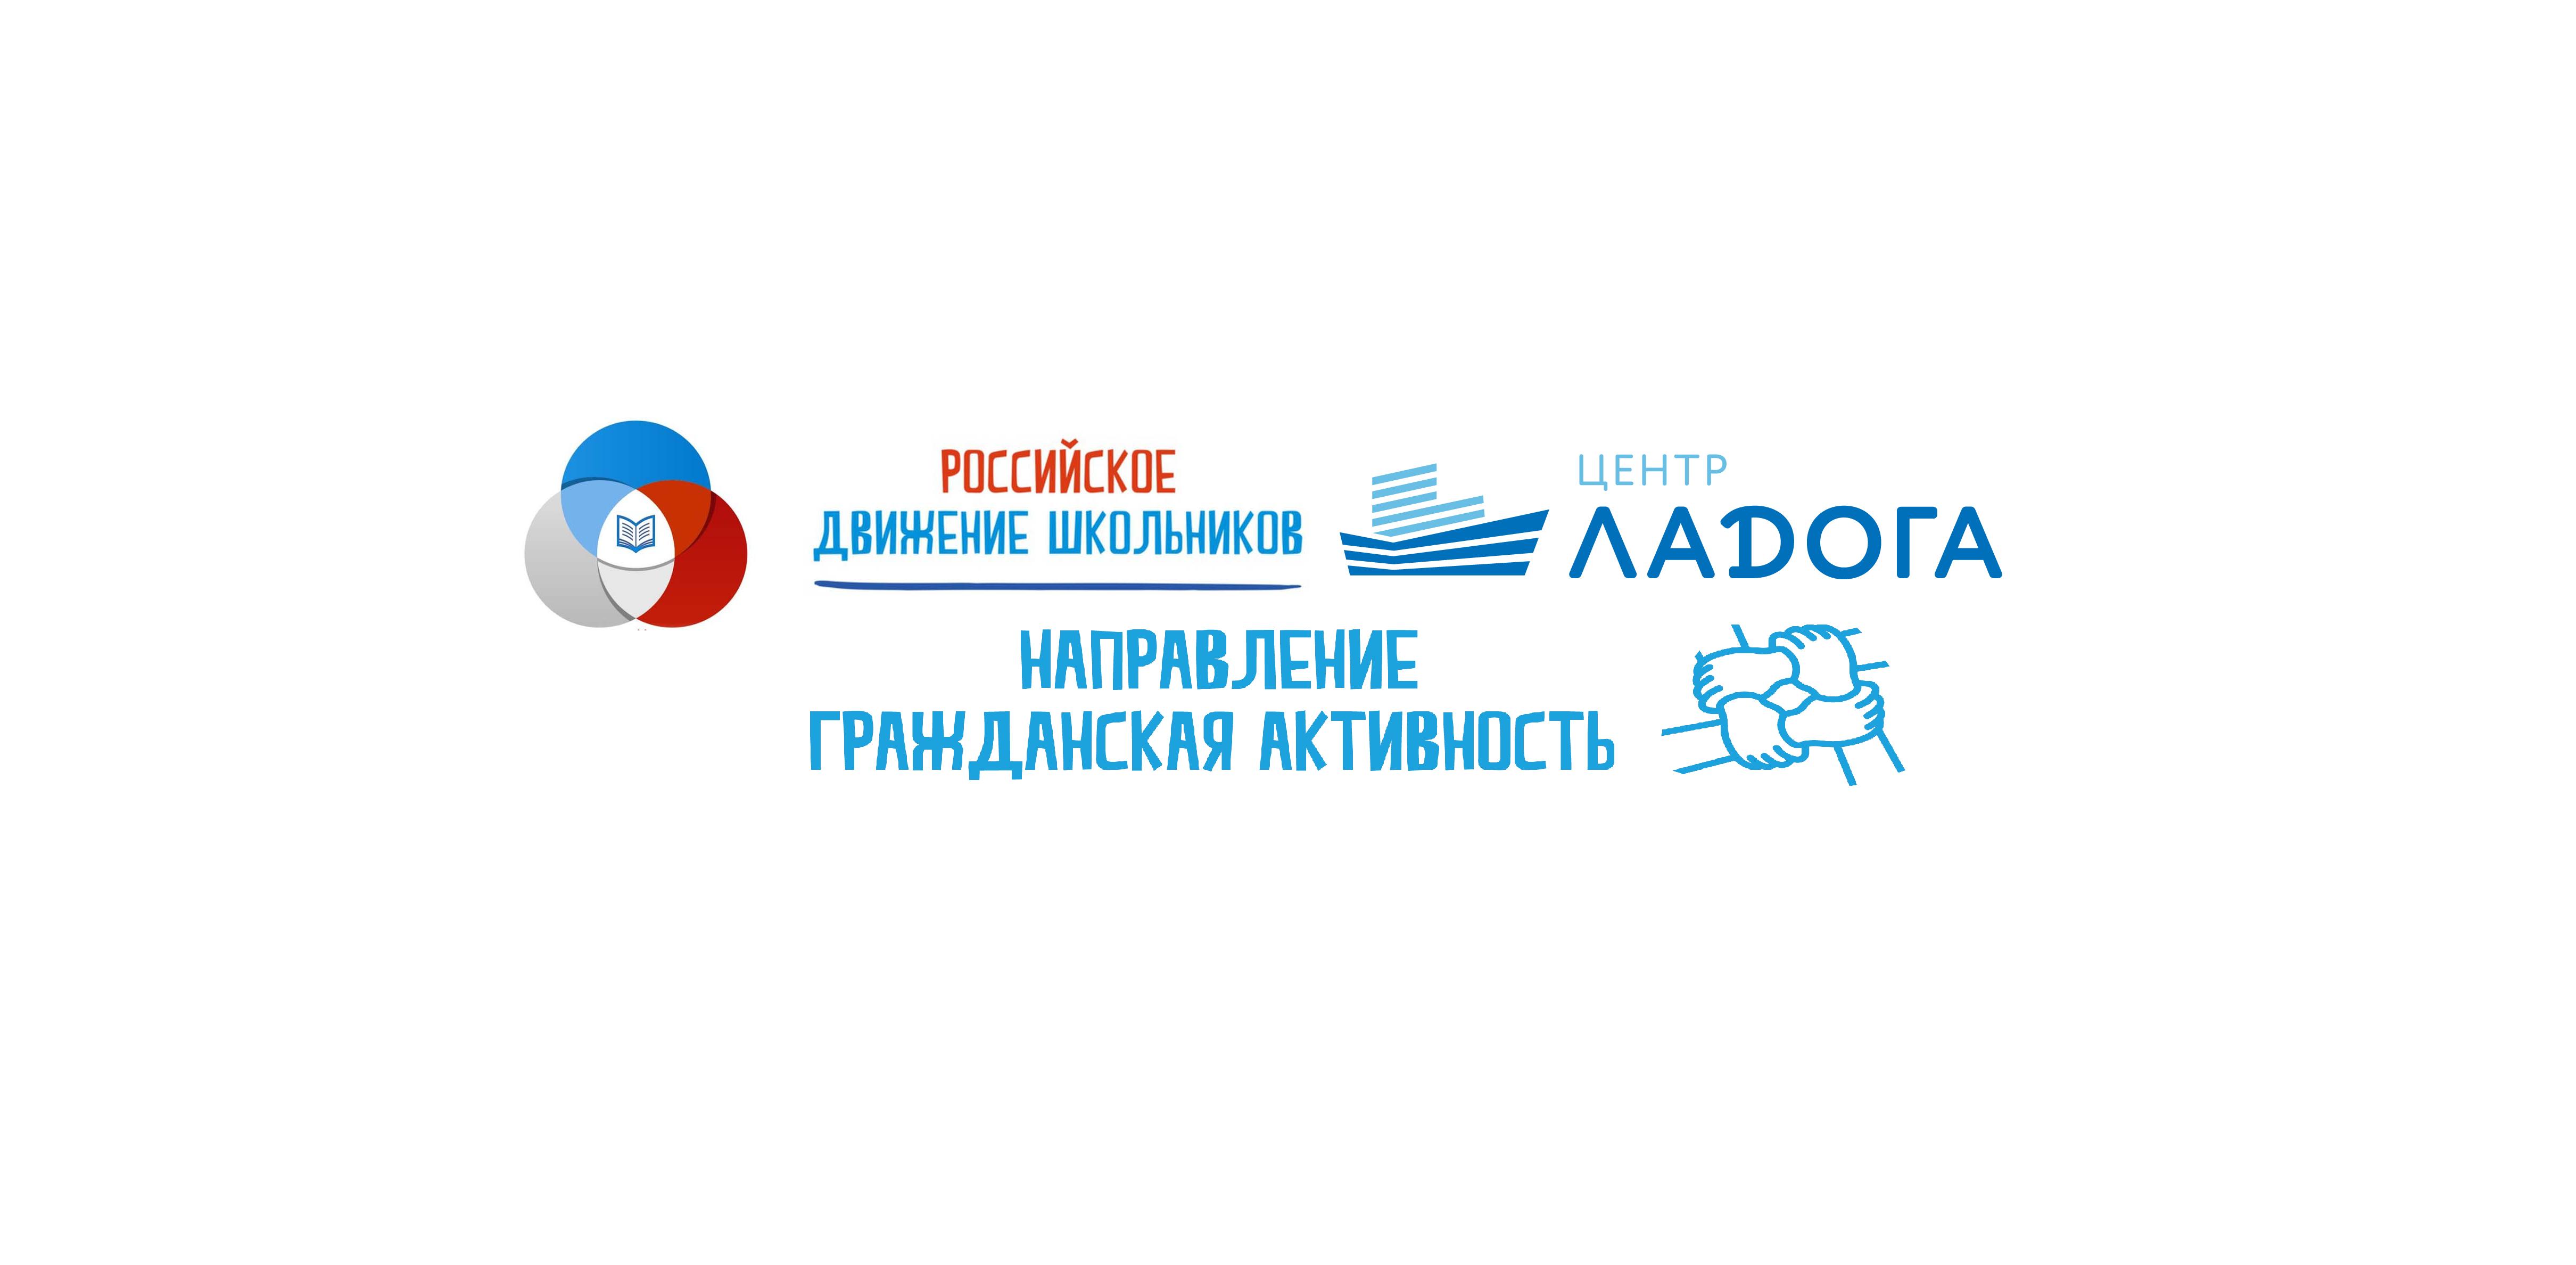 Слёт активистов РДШ Ленинградской области по направлению «Гражданская активность»